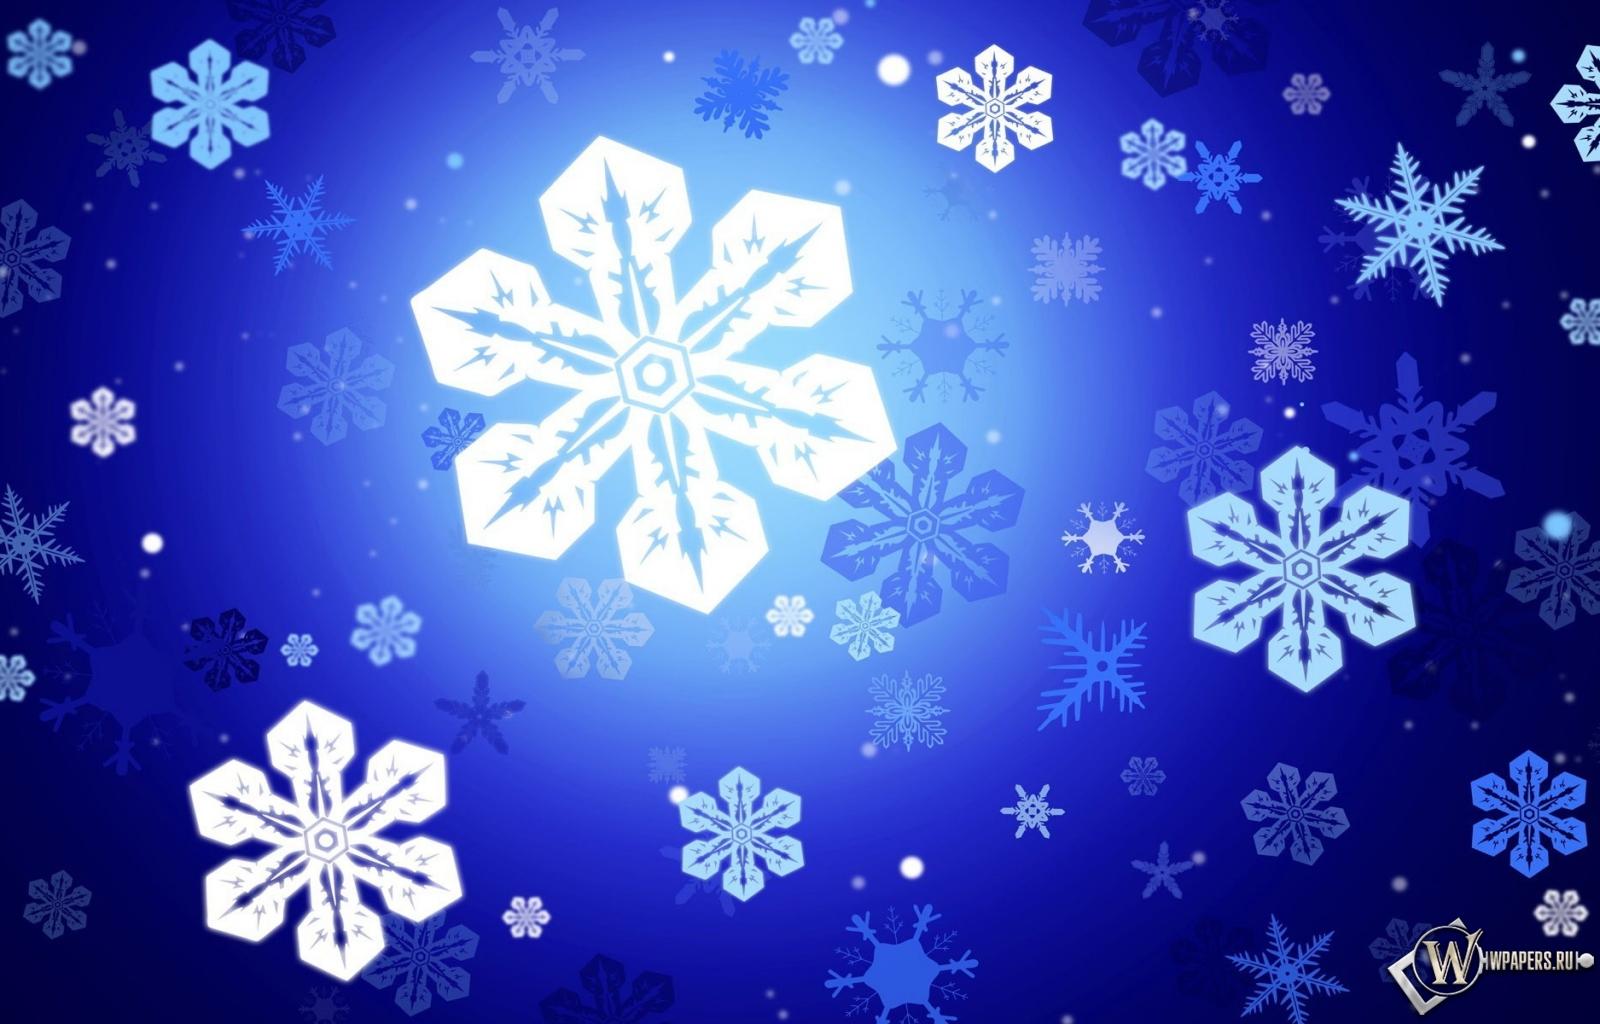 Снежинки 1600x1024